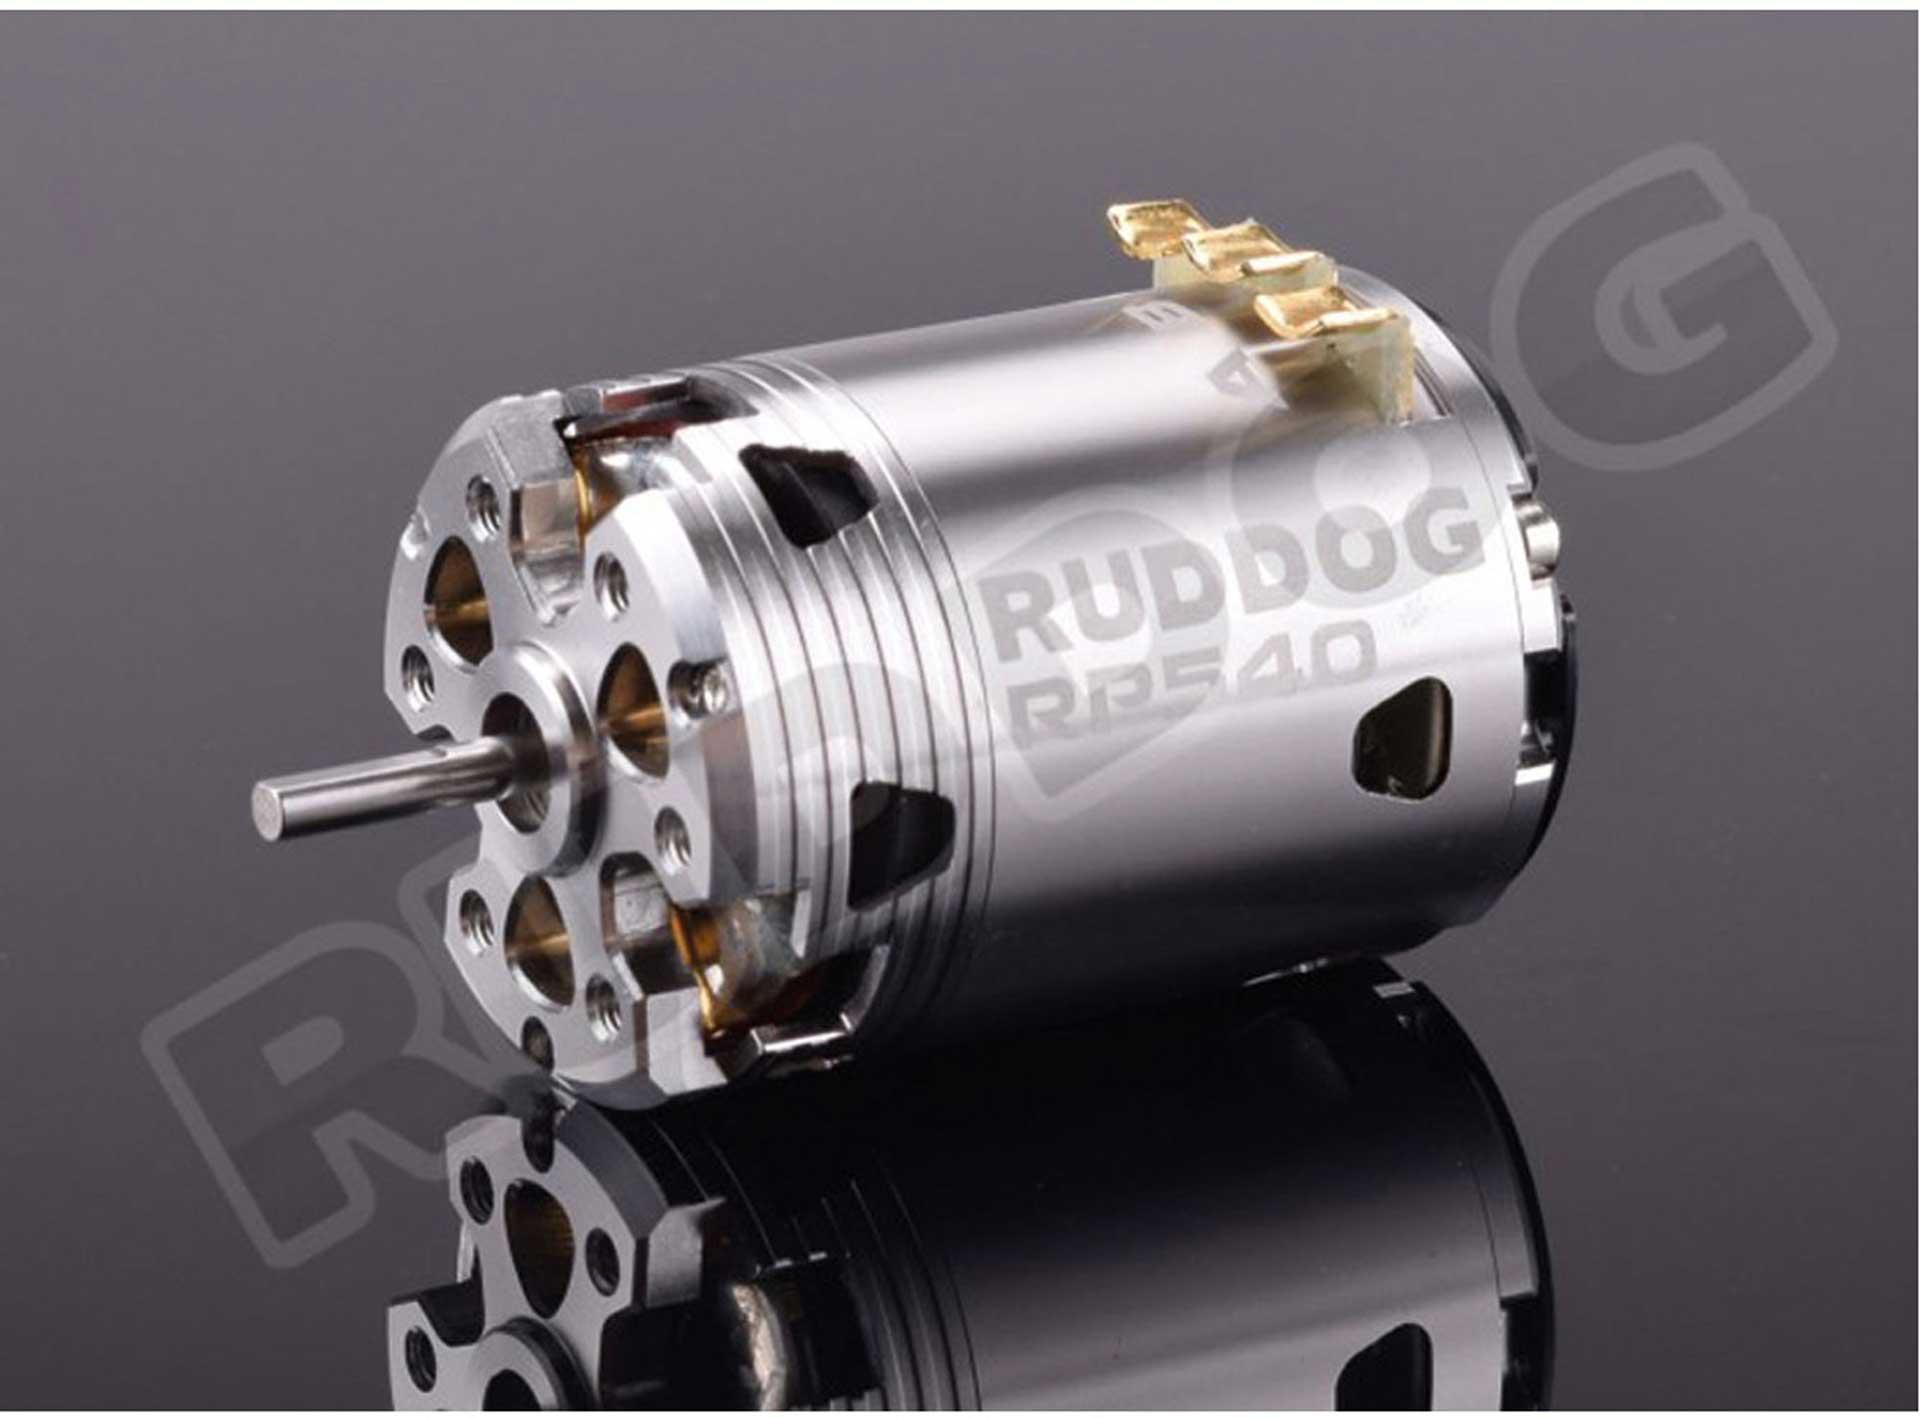 RUDDOG RP540 7.0T 540 SENSORED BRUSHLESS MOTOR